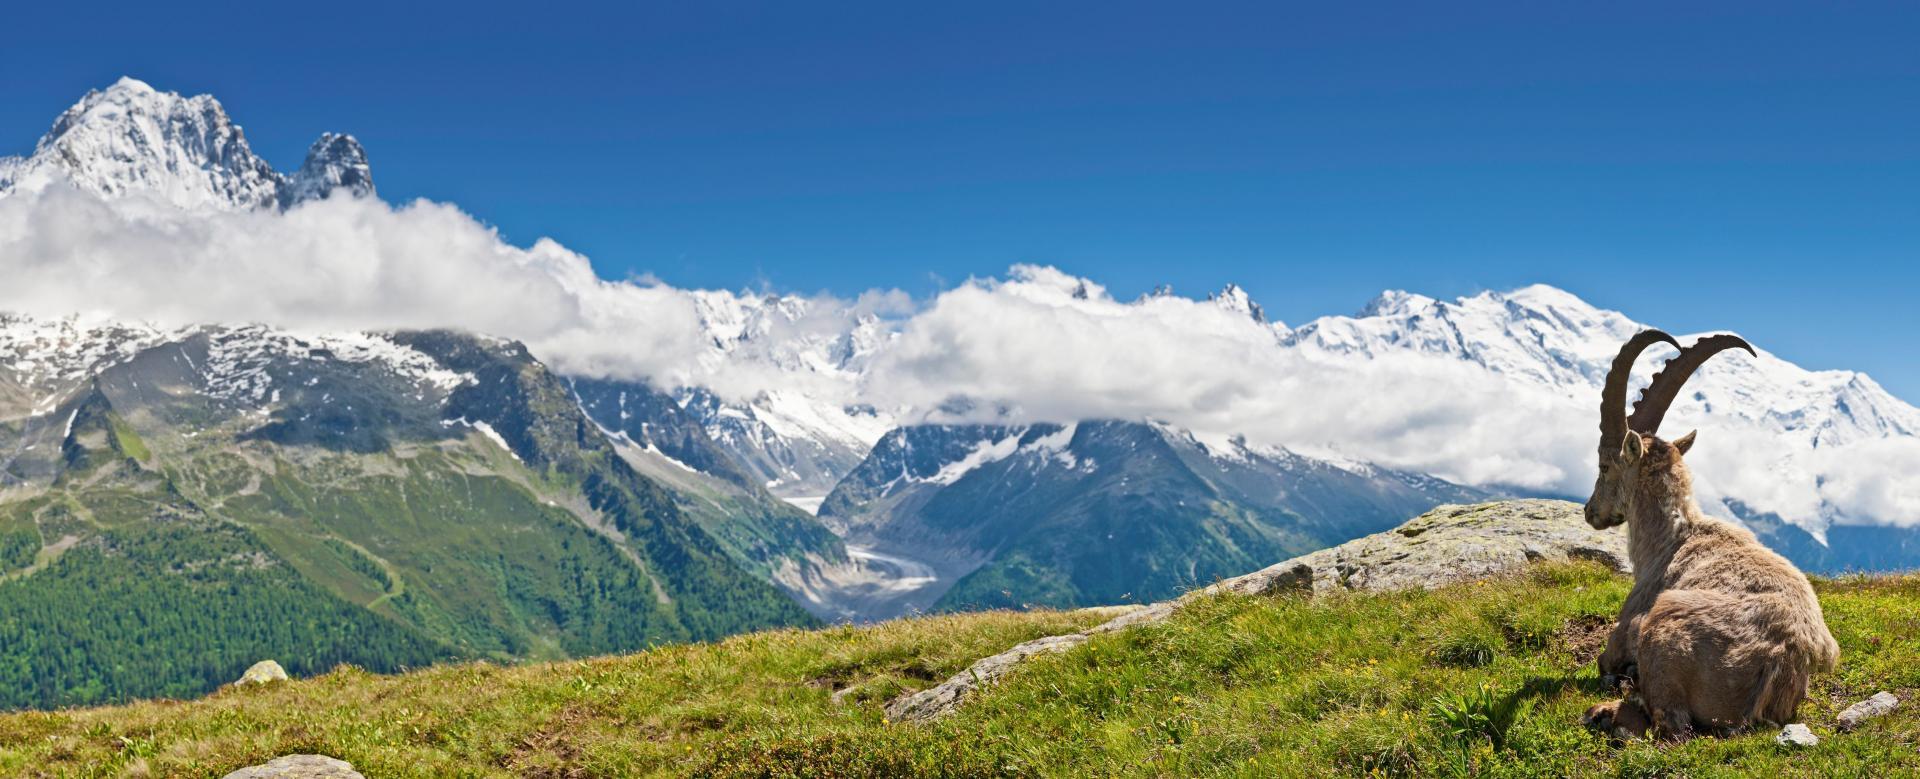 Voyage à pied France : Le tour du mont-blanc en 6 jours